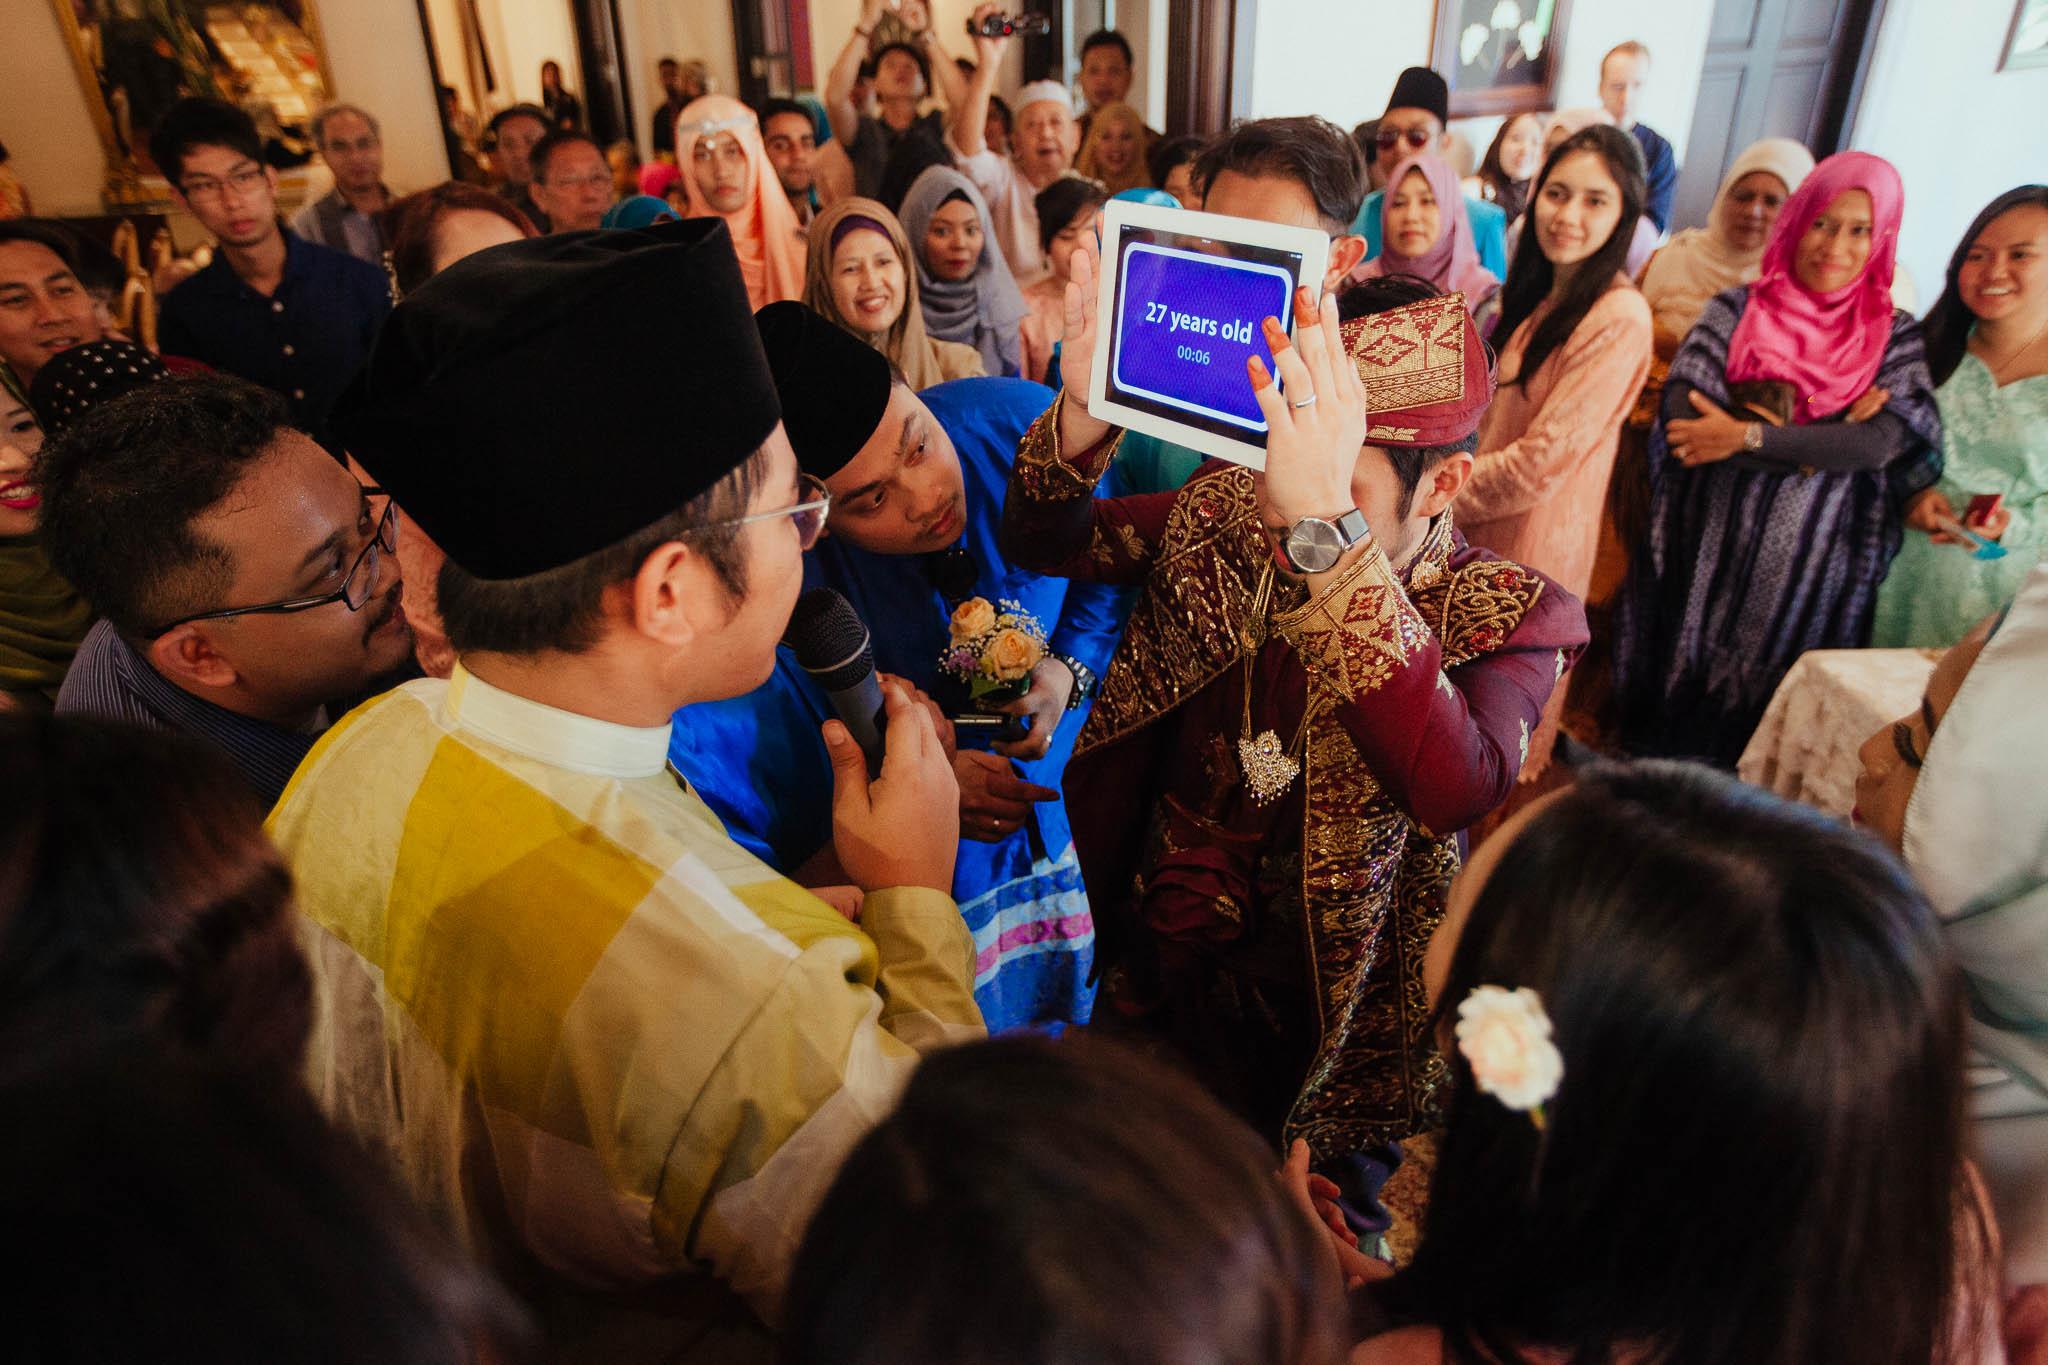 singapore-wedding-photographer-travel-wemadethese-atara-hafizah-51.jpg